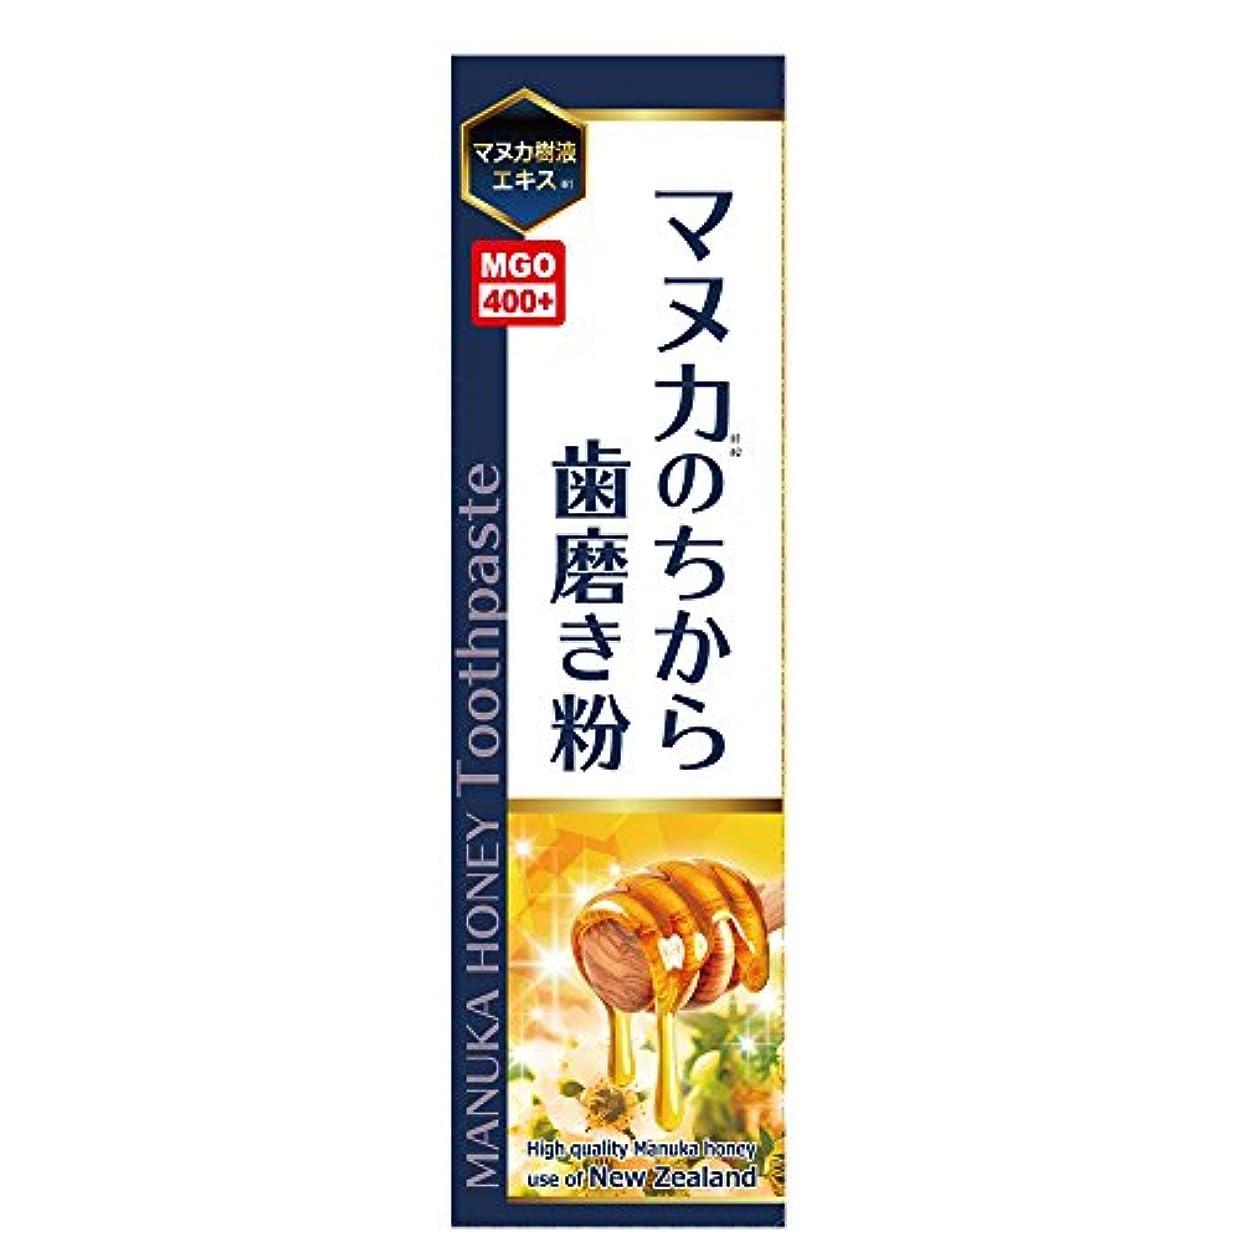 マラソン命令瀬戸際マヌカのちから歯磨き粉 ハチミツレモン味 100g